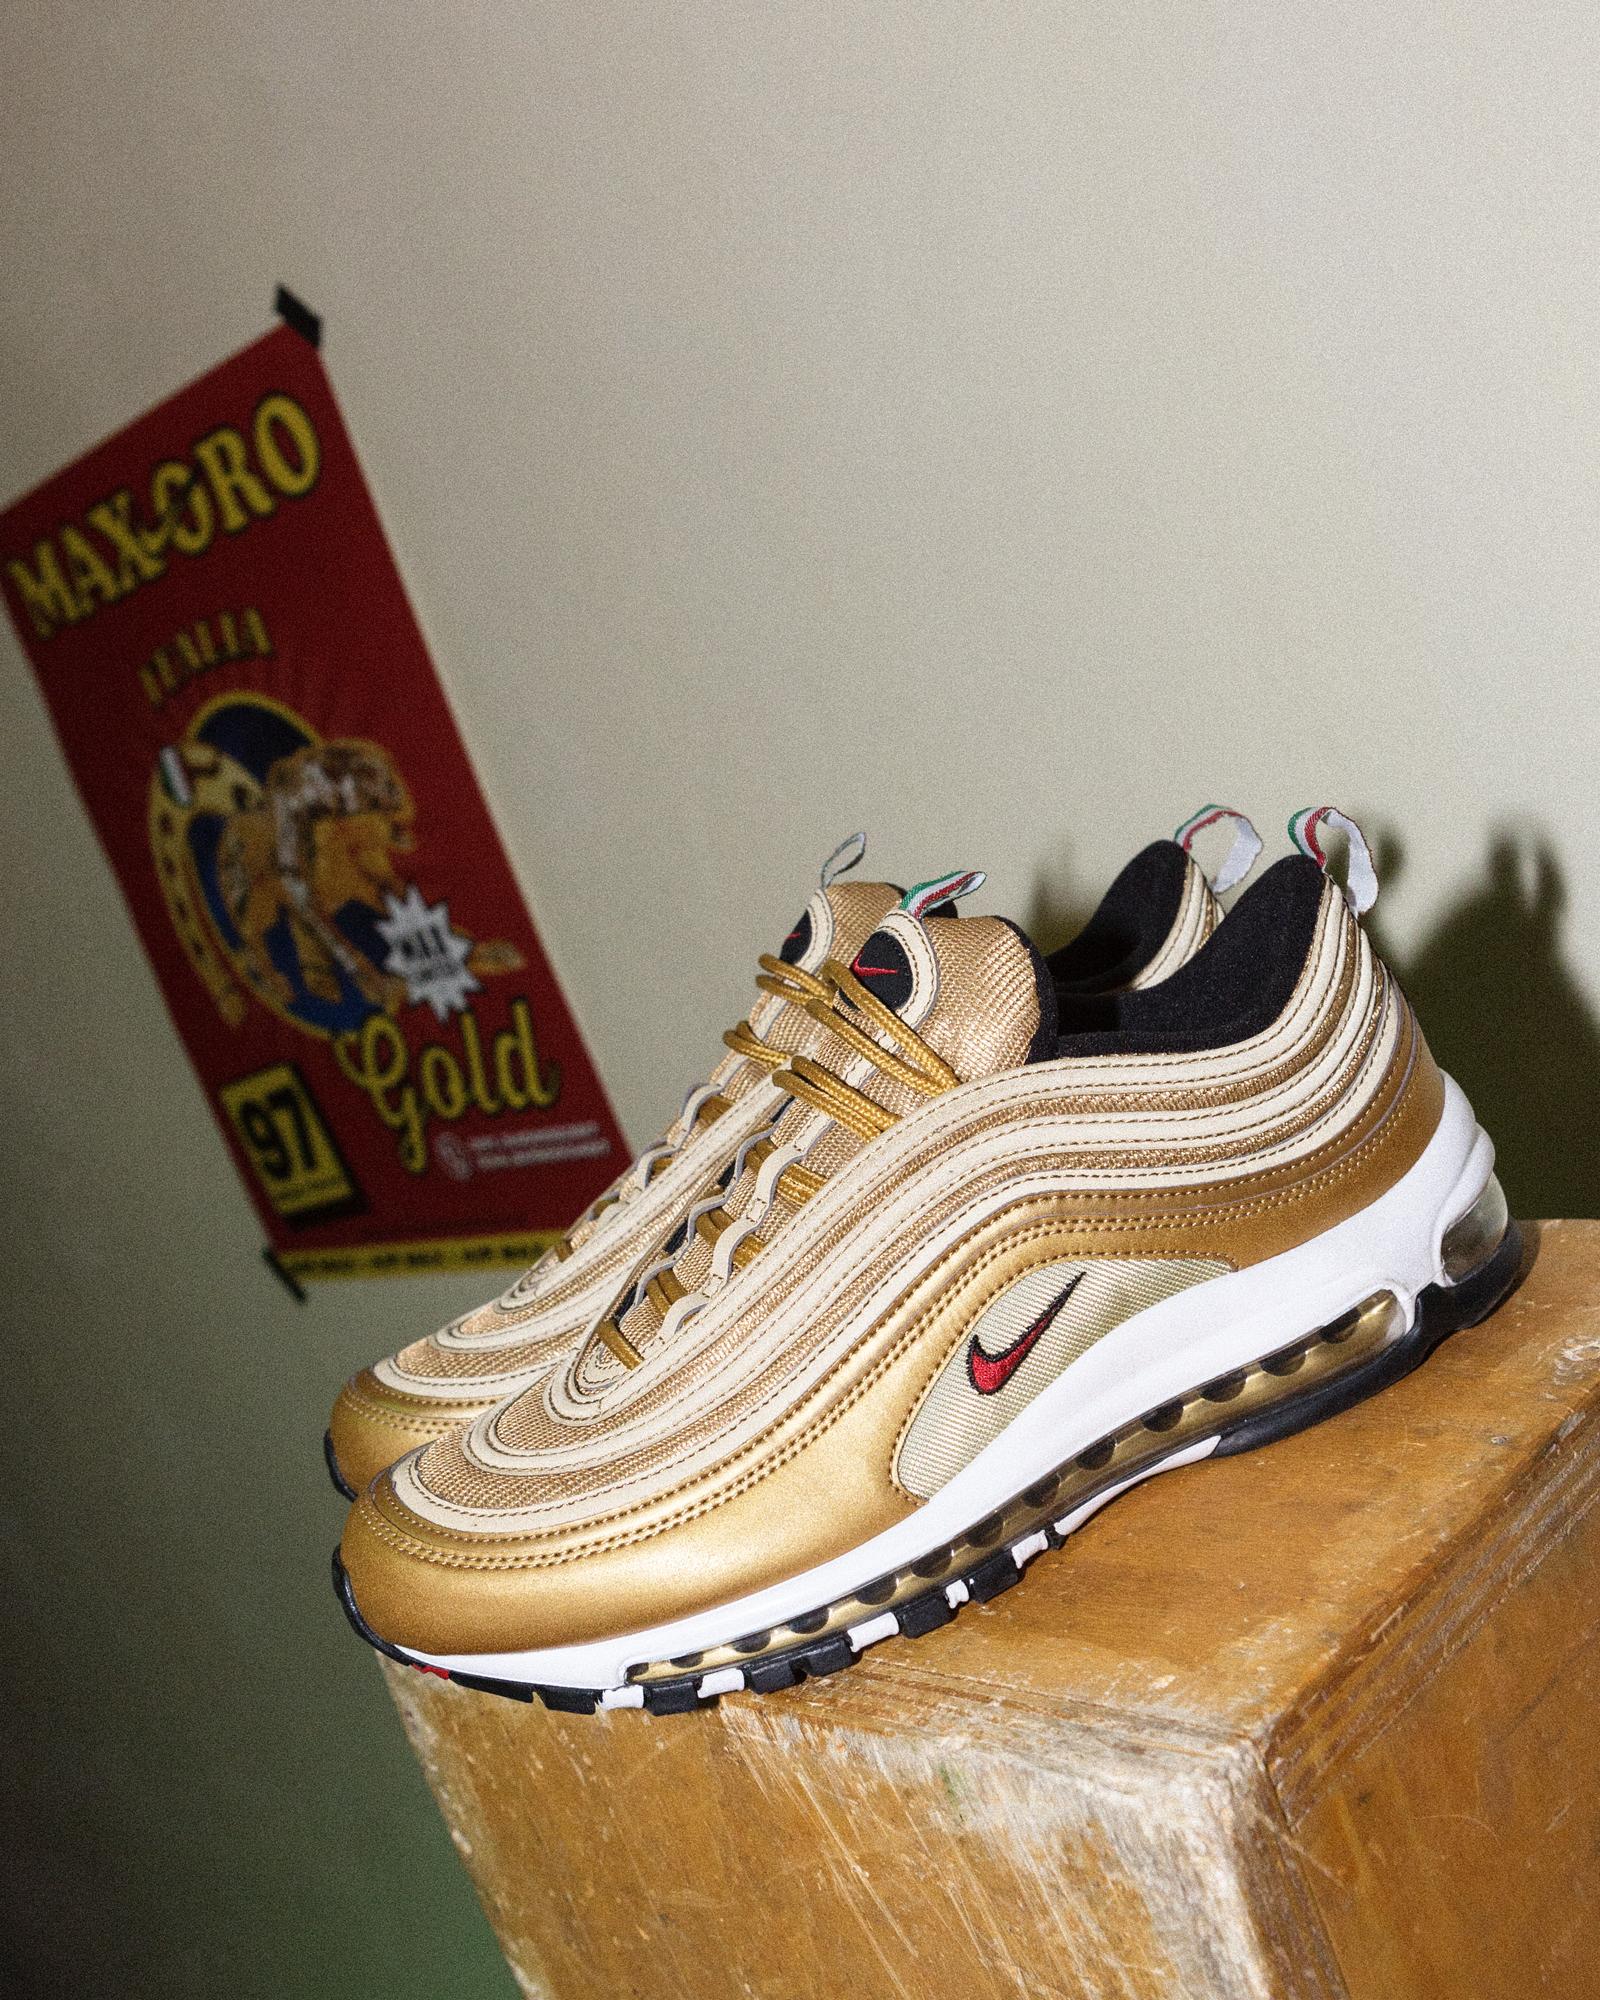 outlet 45986 a52da Il lancio delle Nike Air Max 97 Gold Italian Flag al compro ...